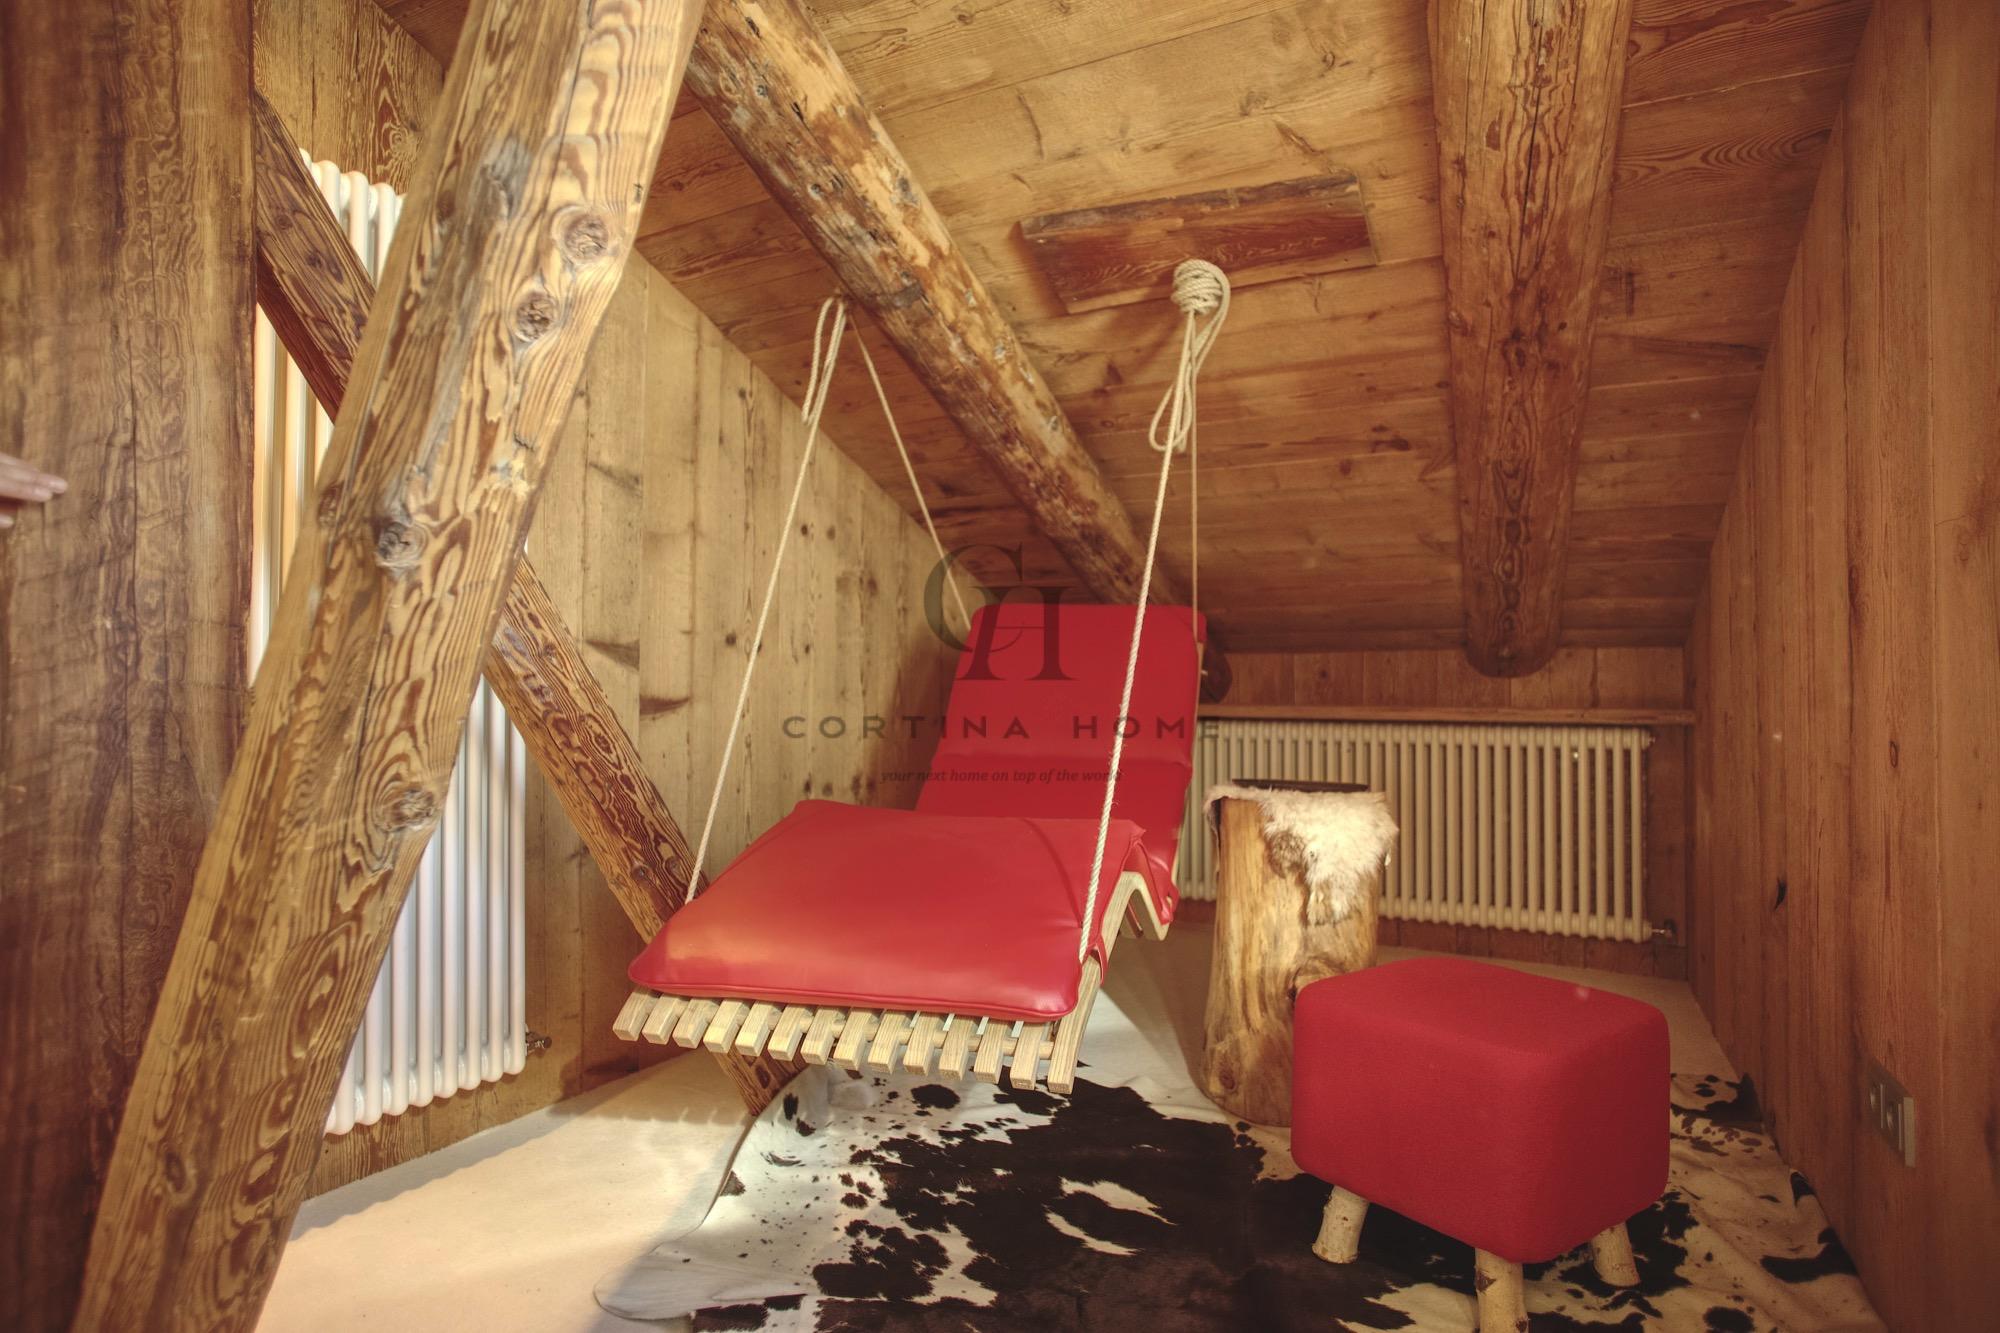 Cortina Home, agenzia immobiliare - vendite ed affitti a ...